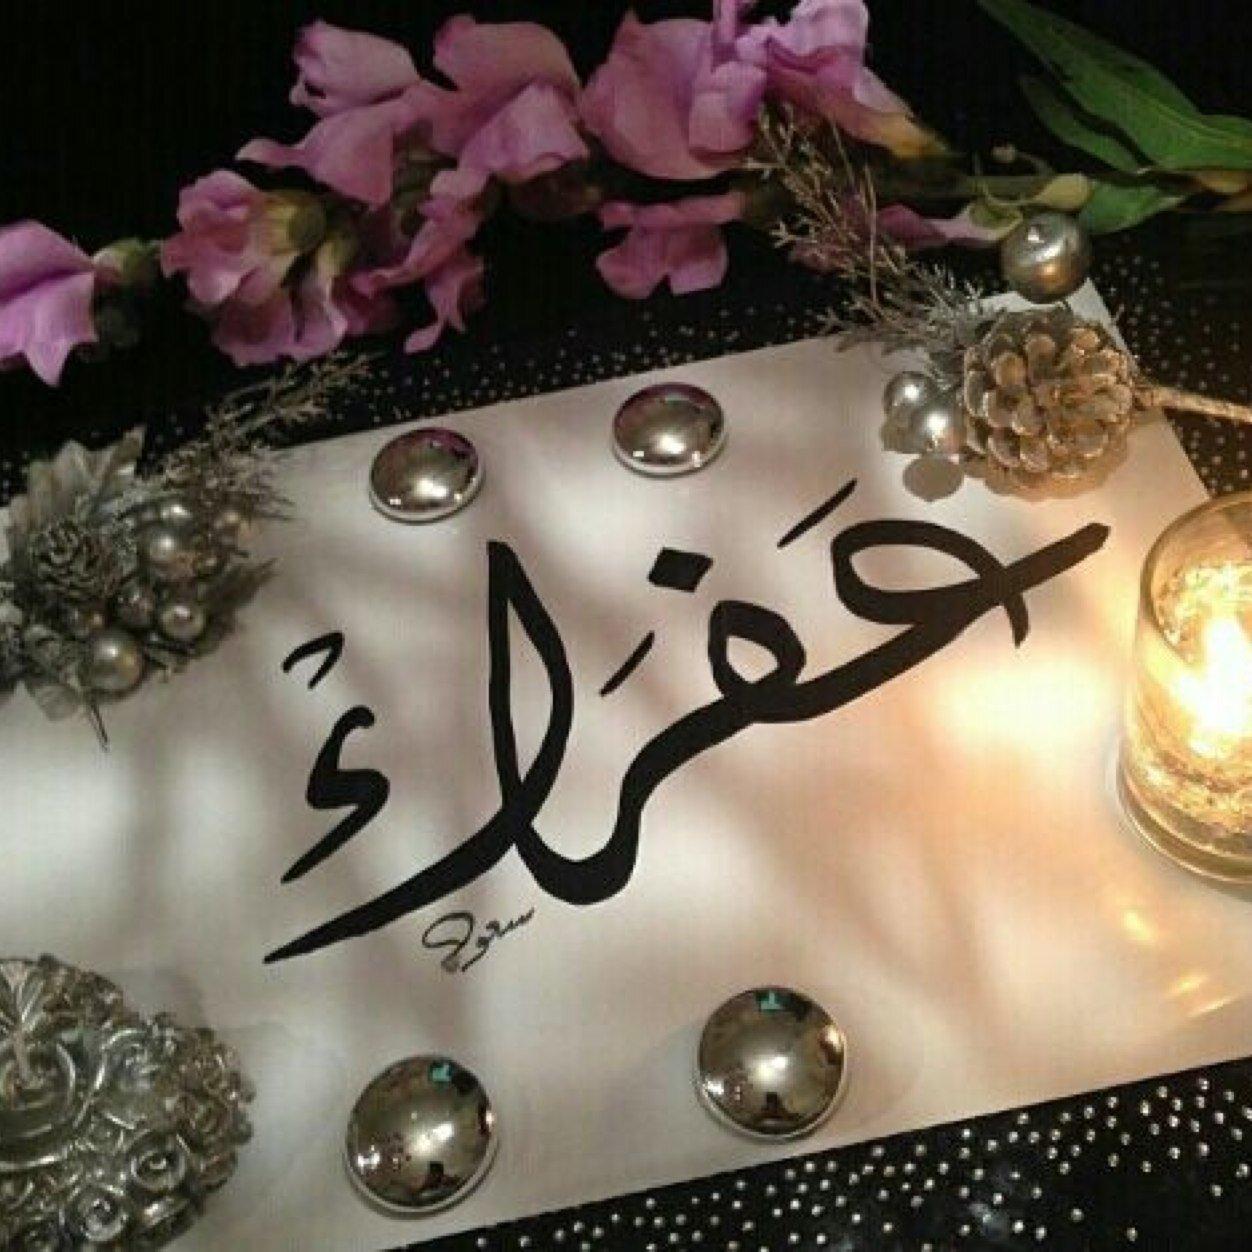 بالصور معنى اسم عفراء , عفراء من اجمل الاسماء العربية